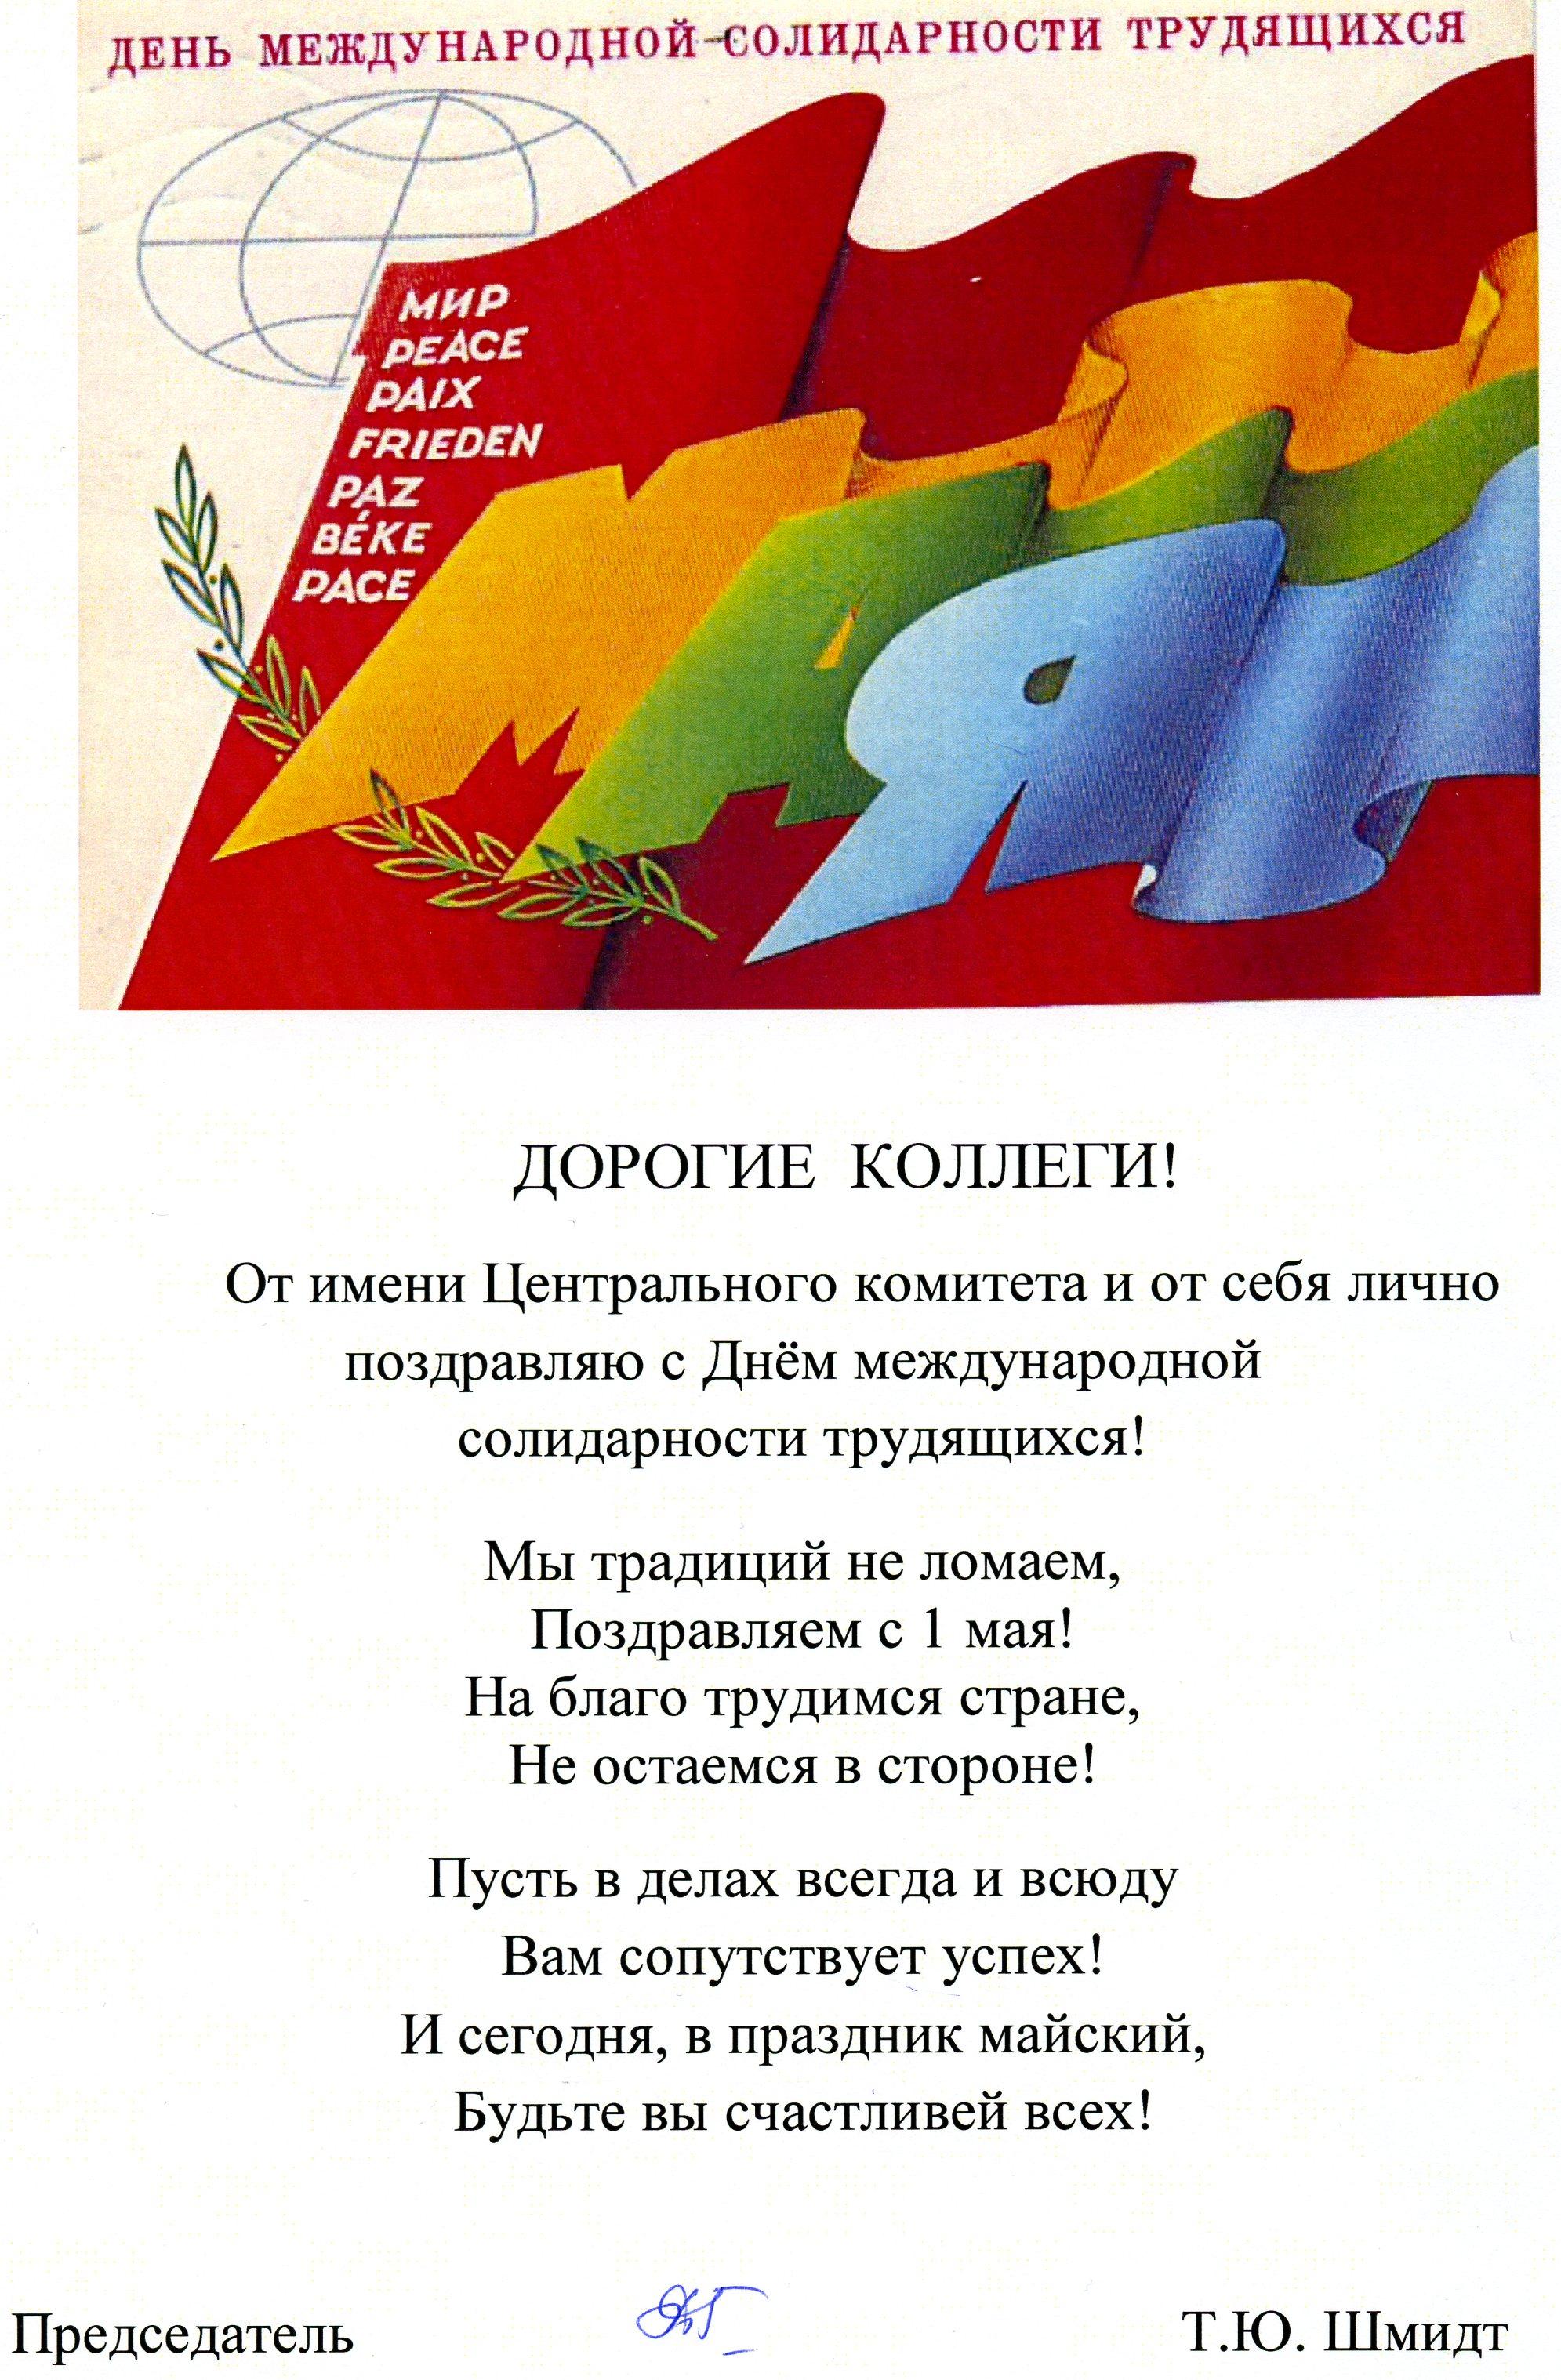 поздравления в стихах профсоюзами отечности лица